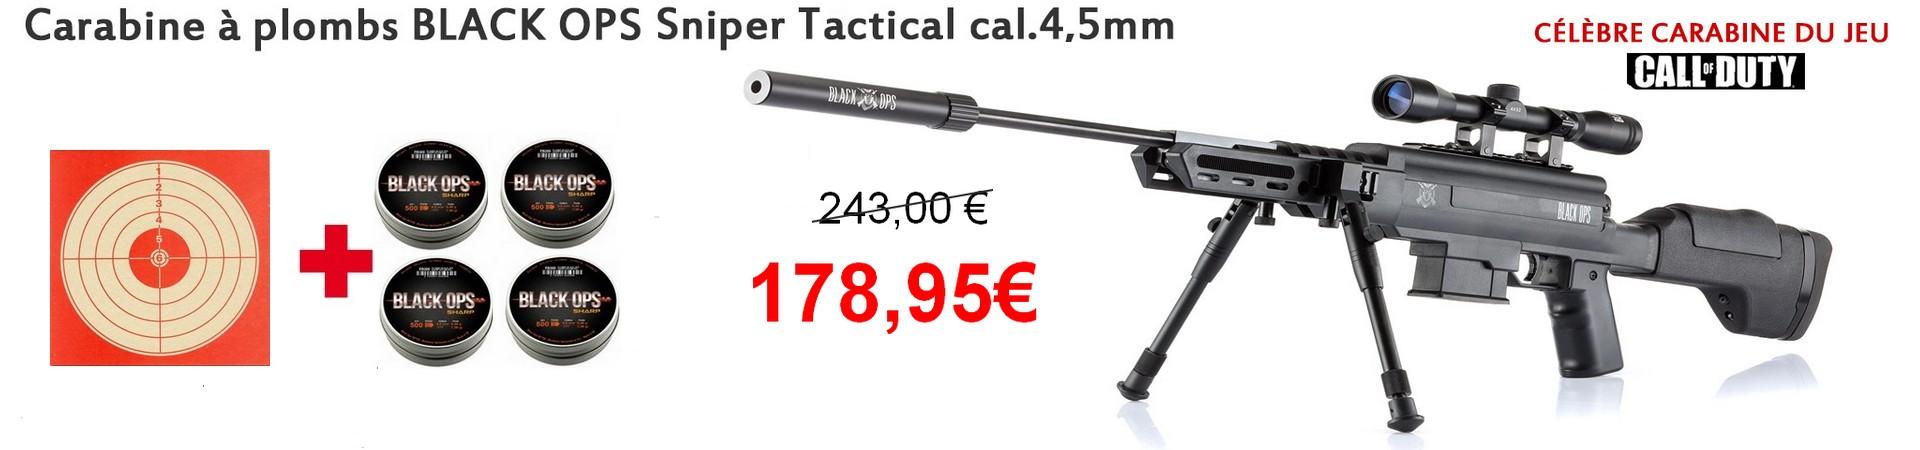 Carabine a plombs BLACK OPS Sniper Tactical cal.4,5mm